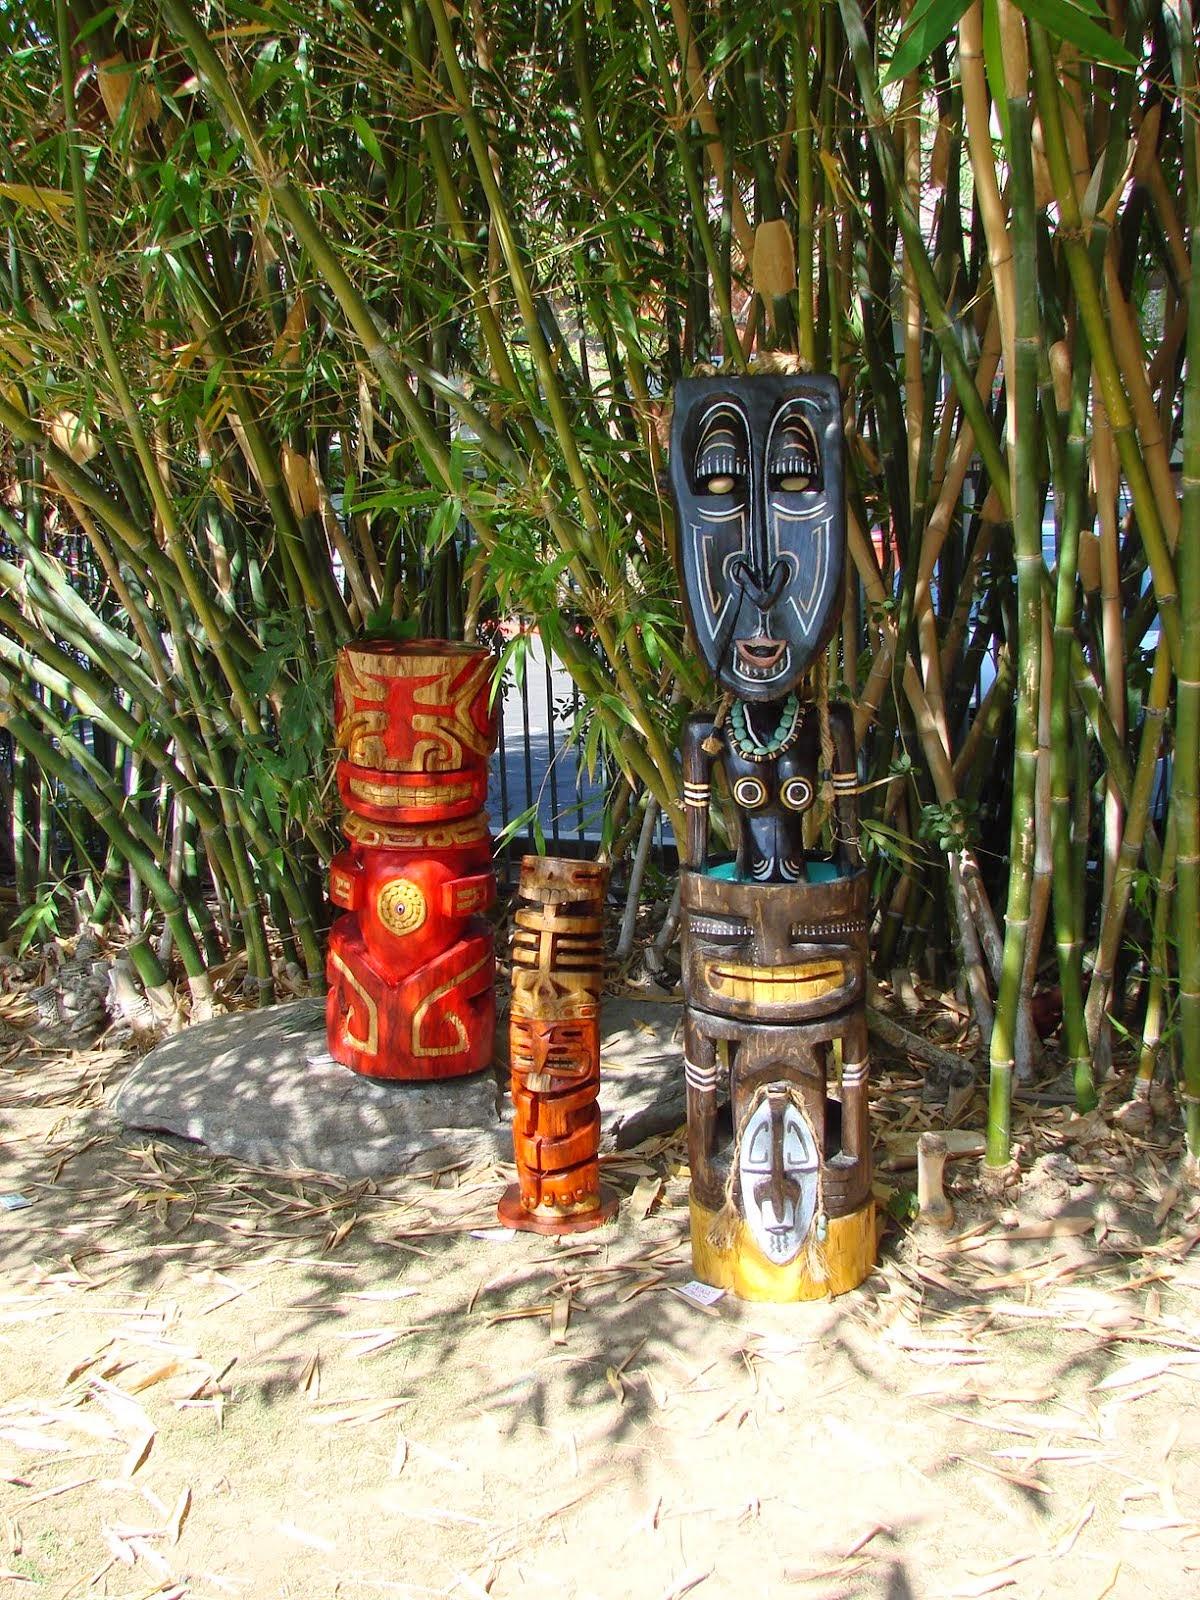 Also bamboo.